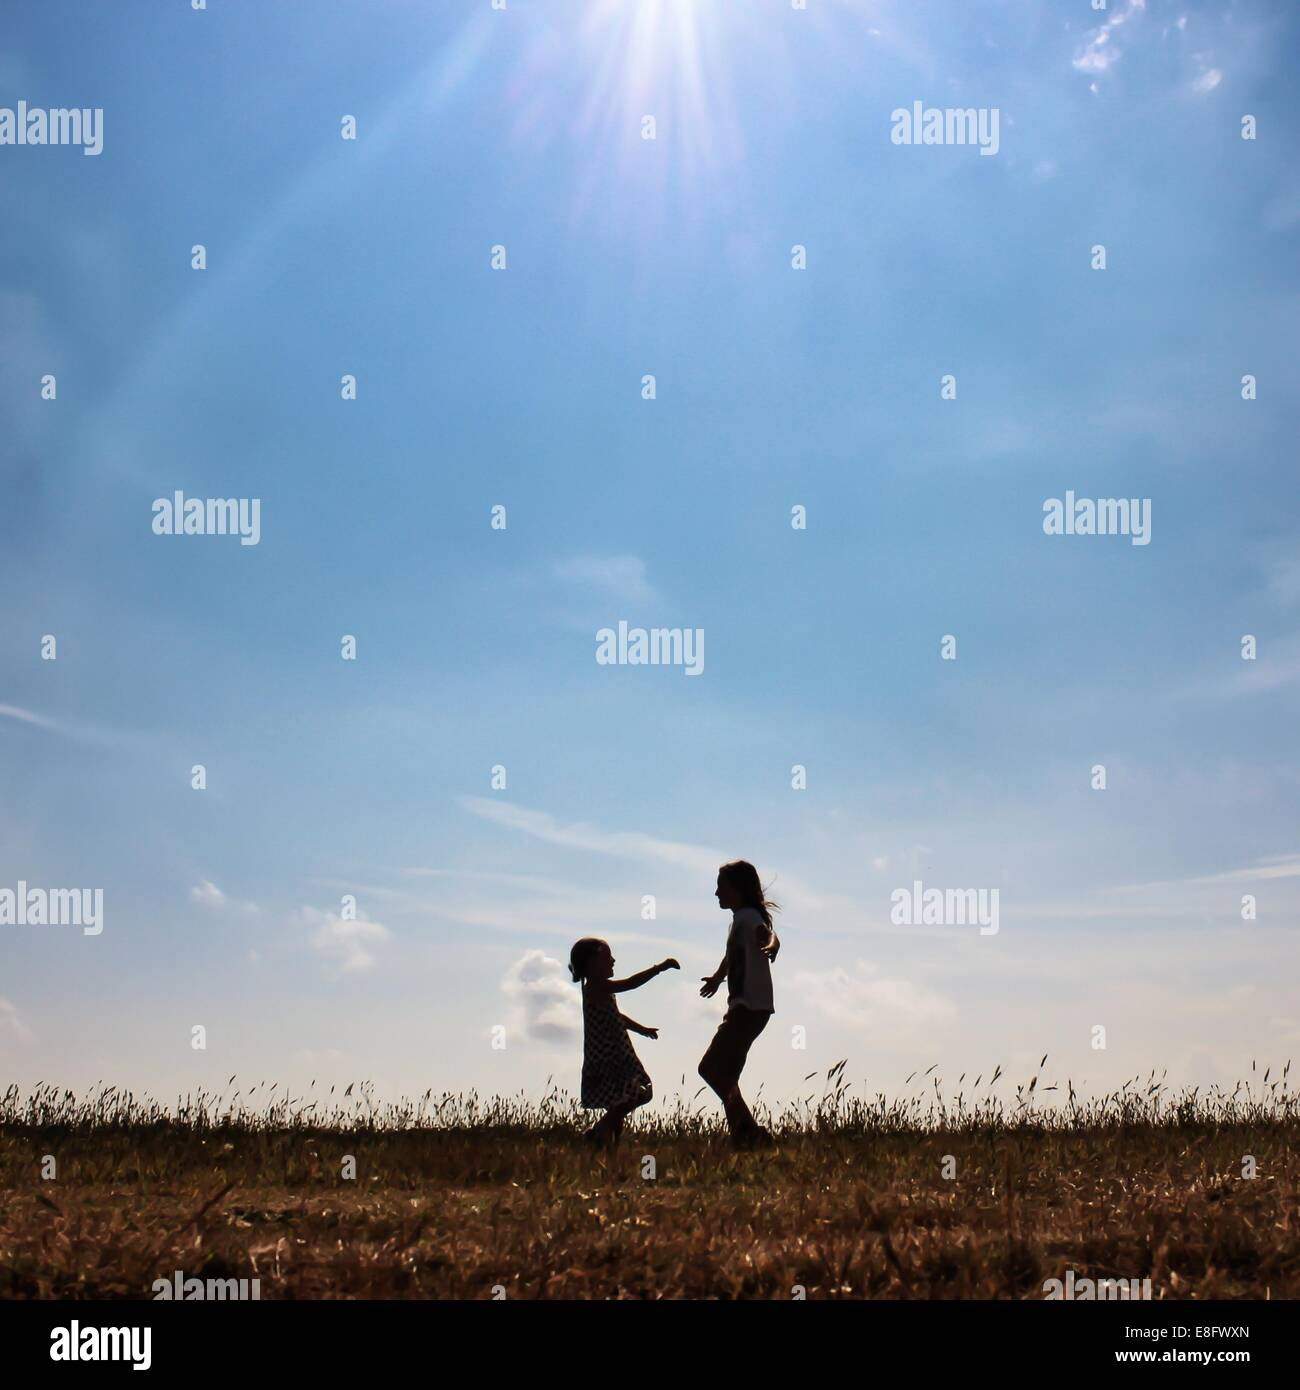 Silhouette di due ragazze giocando in un prato Immagini Stock